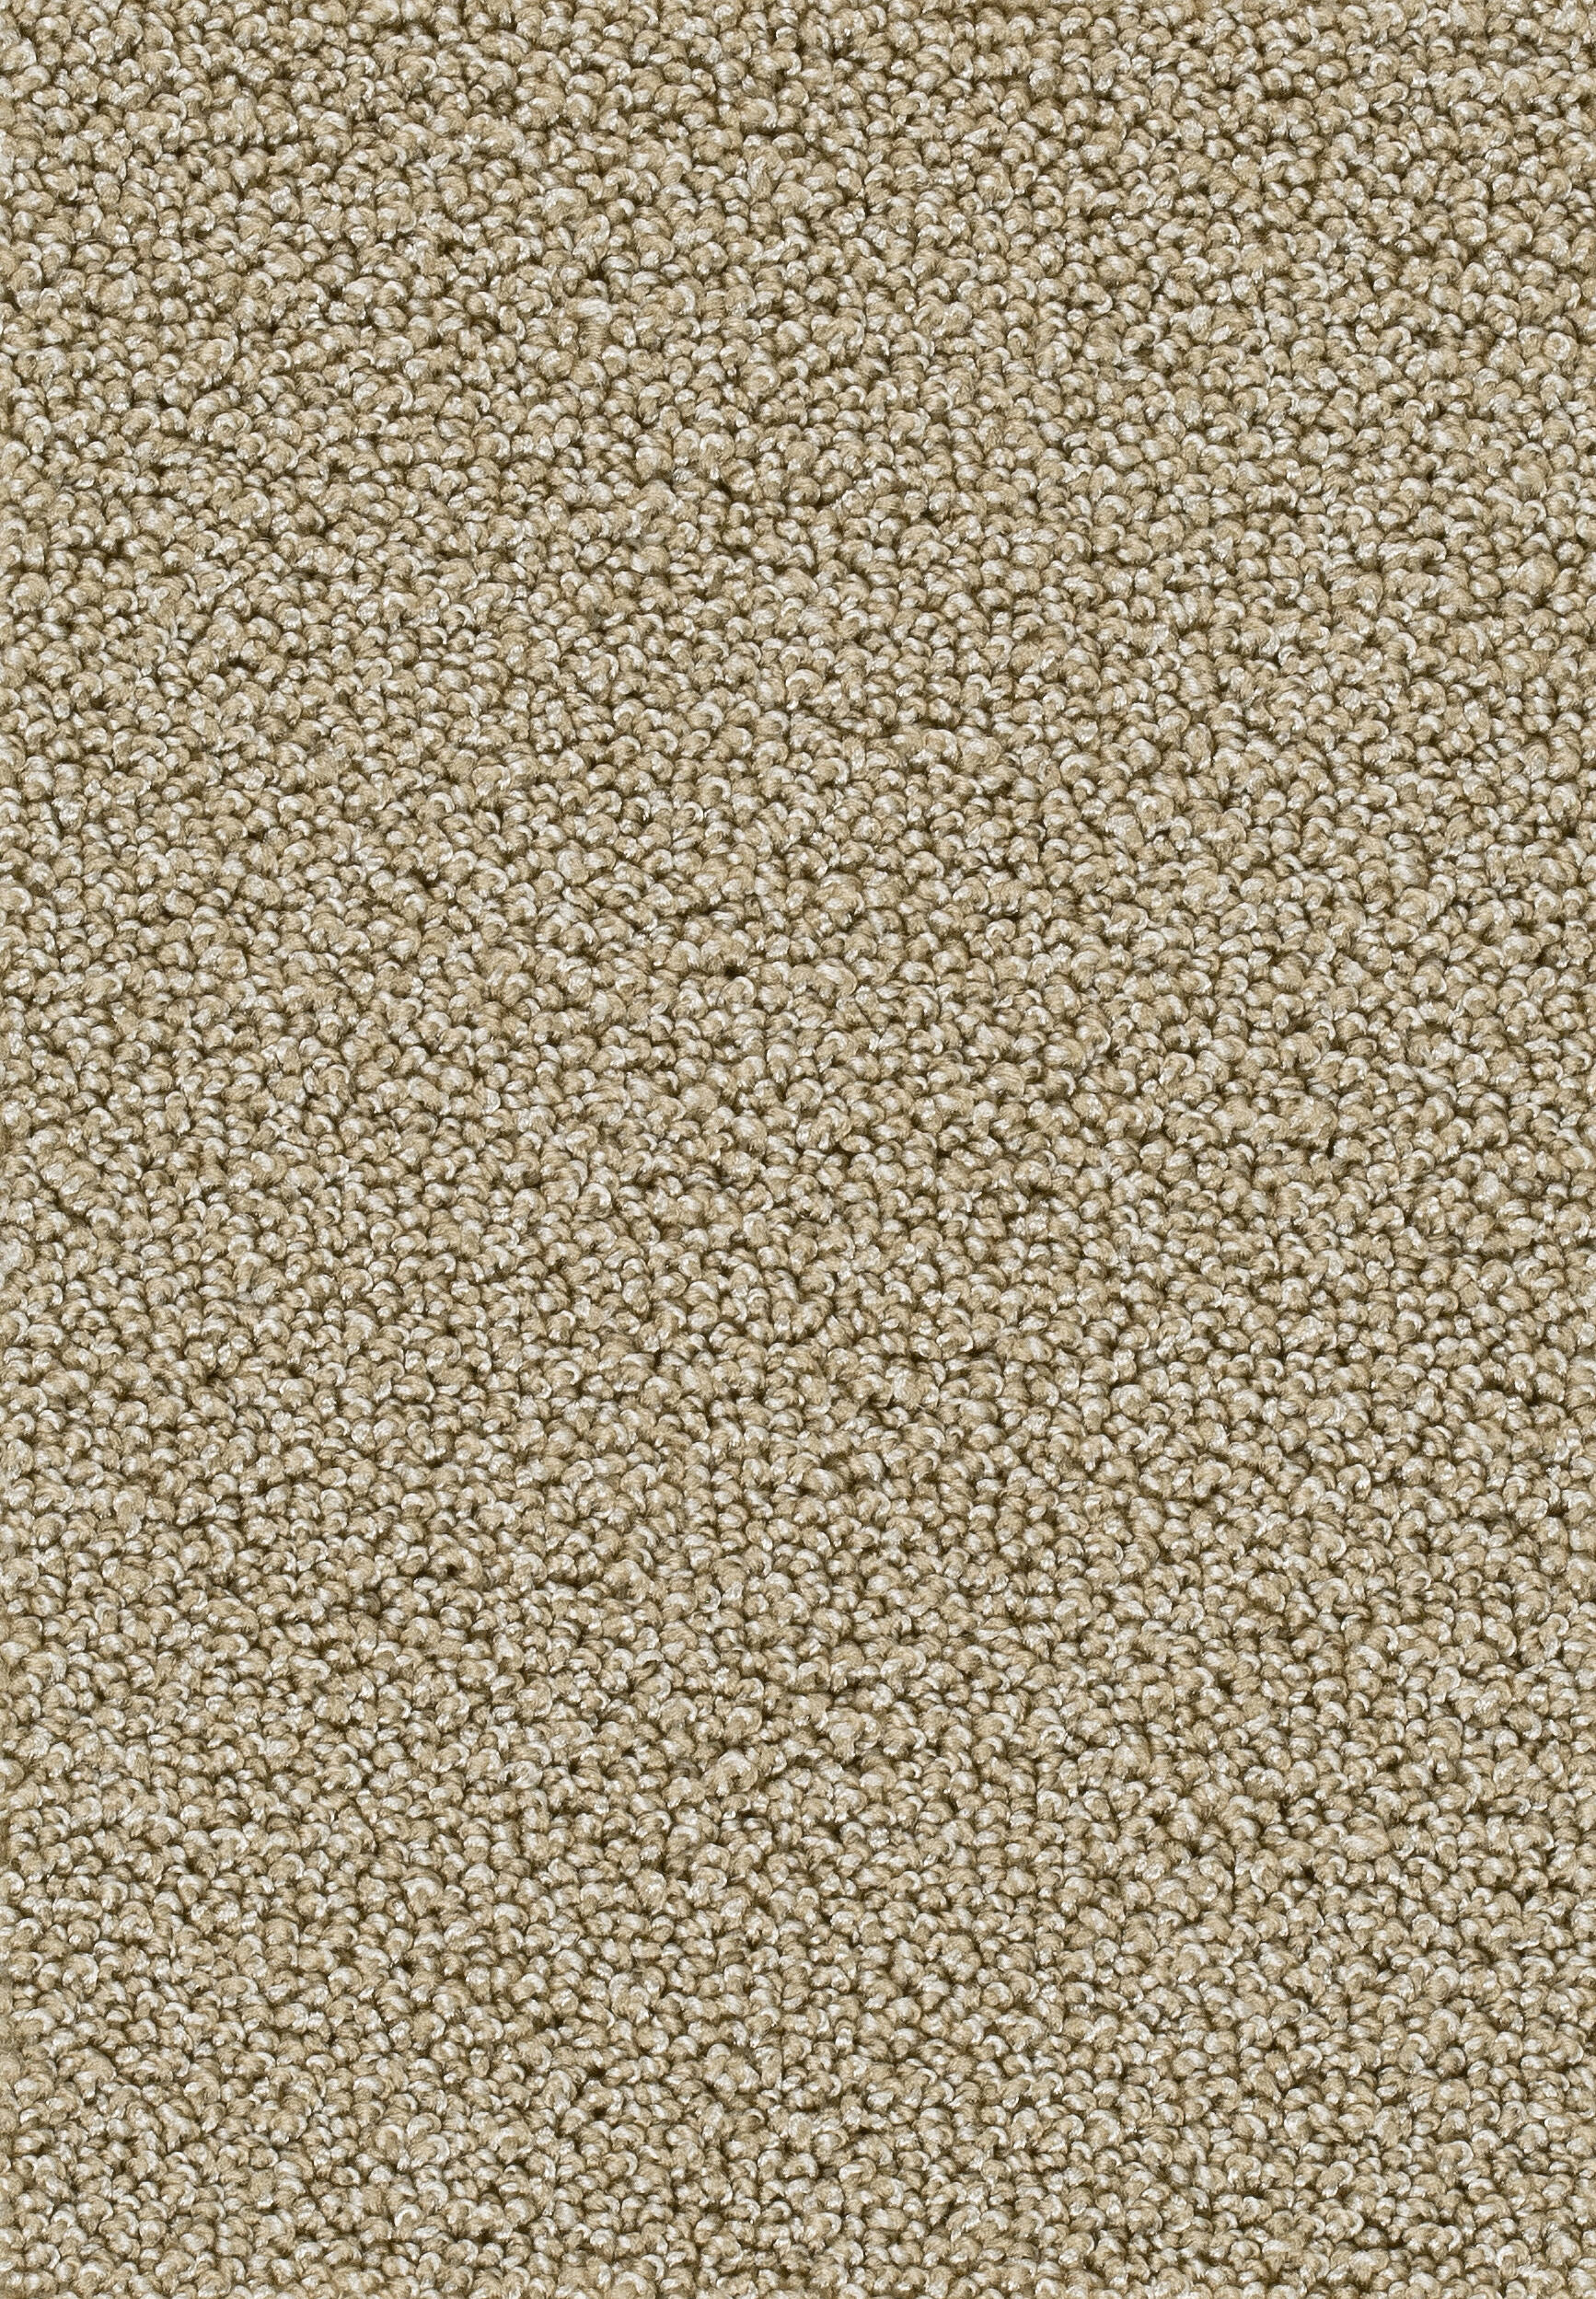 Teppichboden AMBRA 34 400cm breit